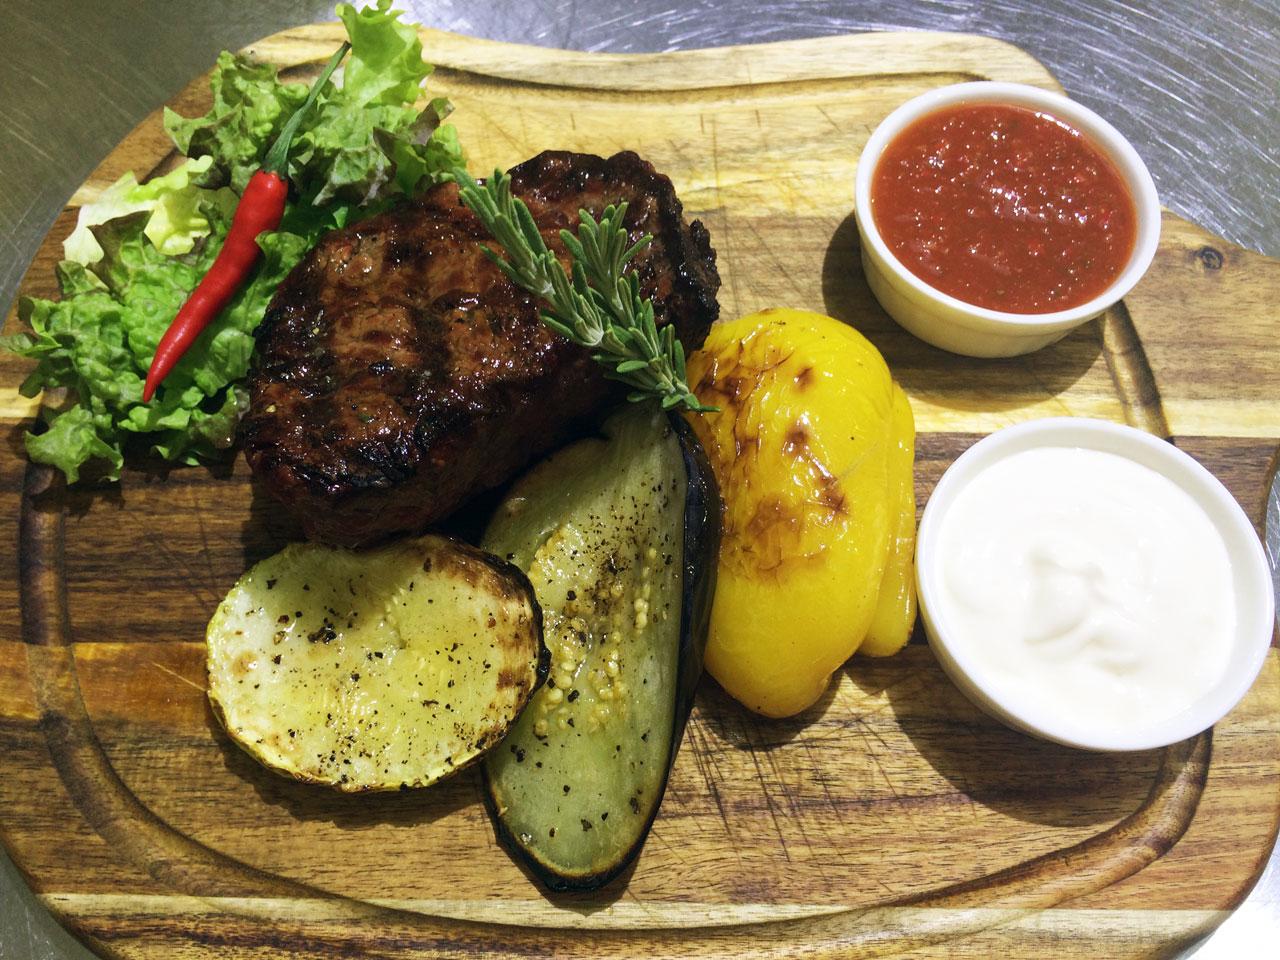 Стейк филе-миньон с овощами гриль - ресторан Аннам Брахма в Оренбурге